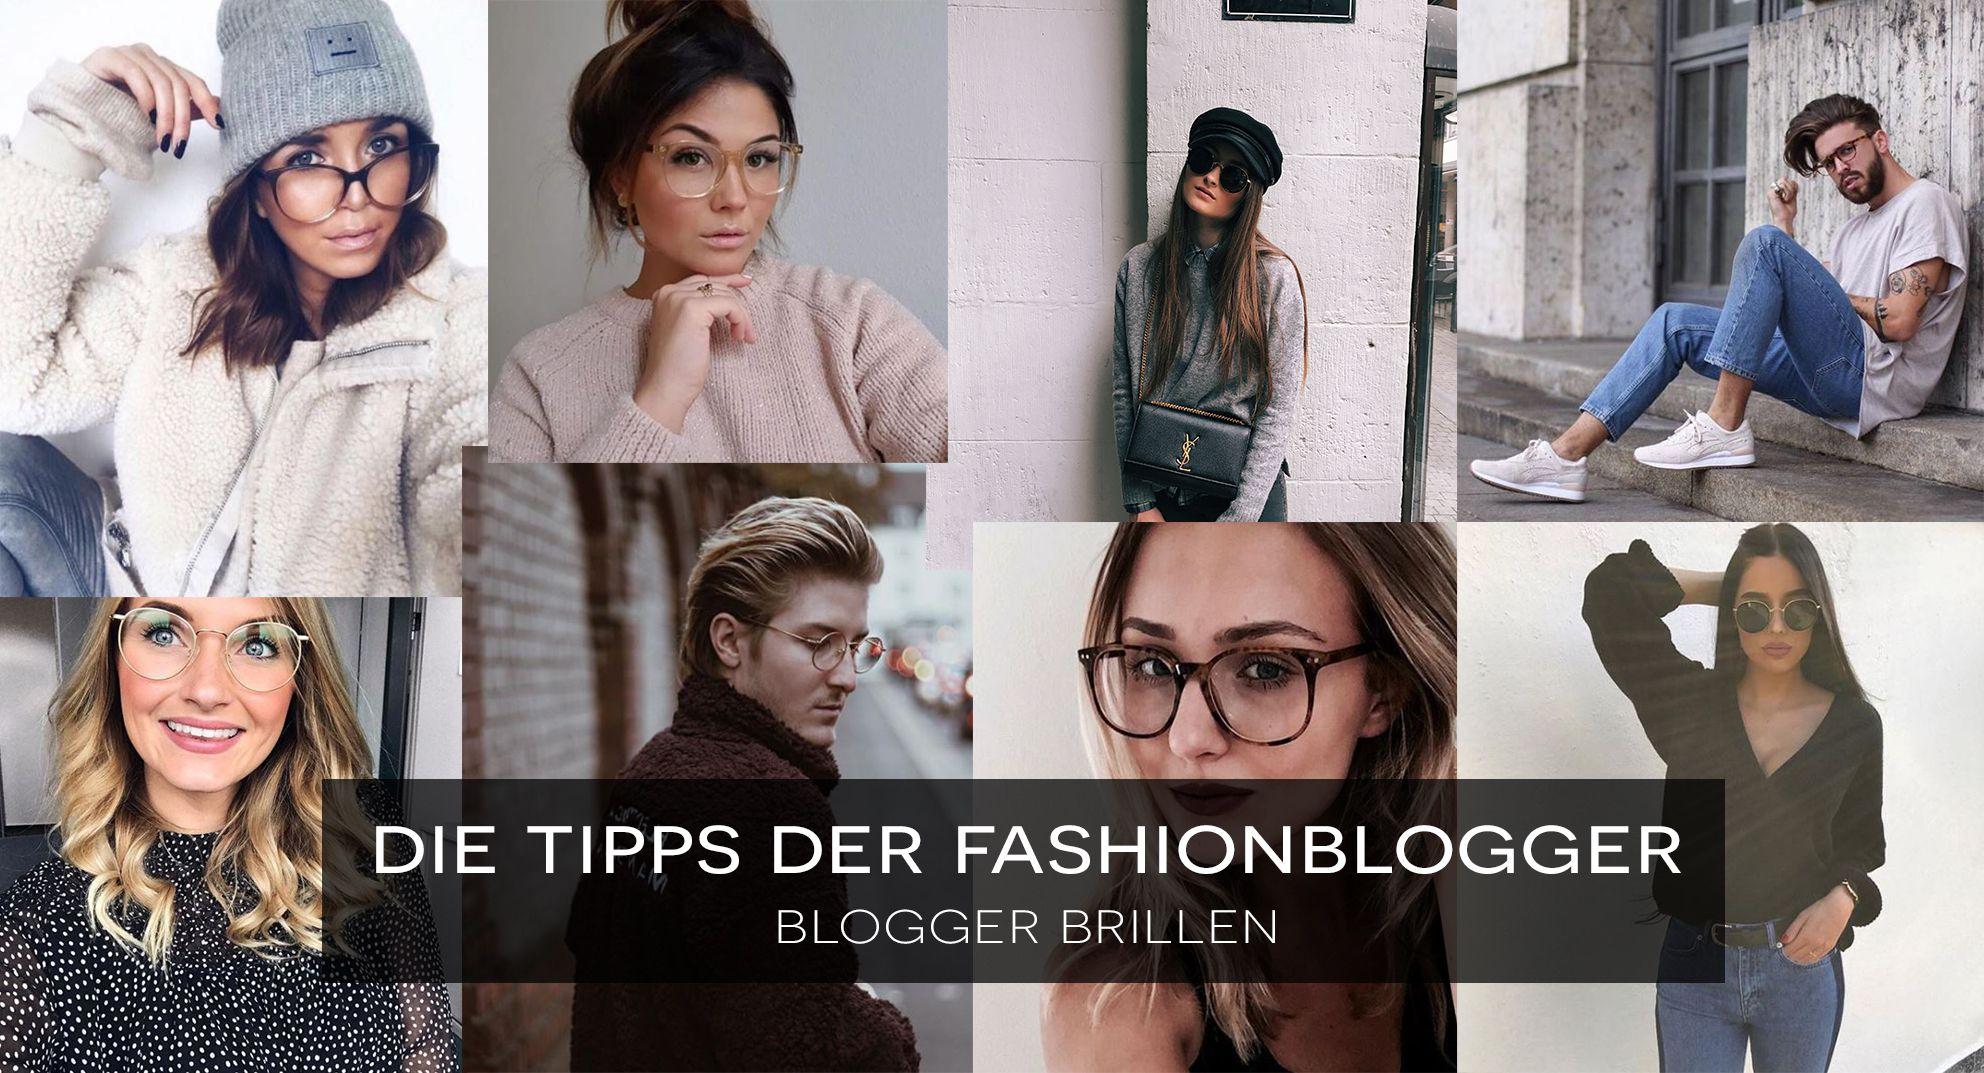 Blogger Brillen